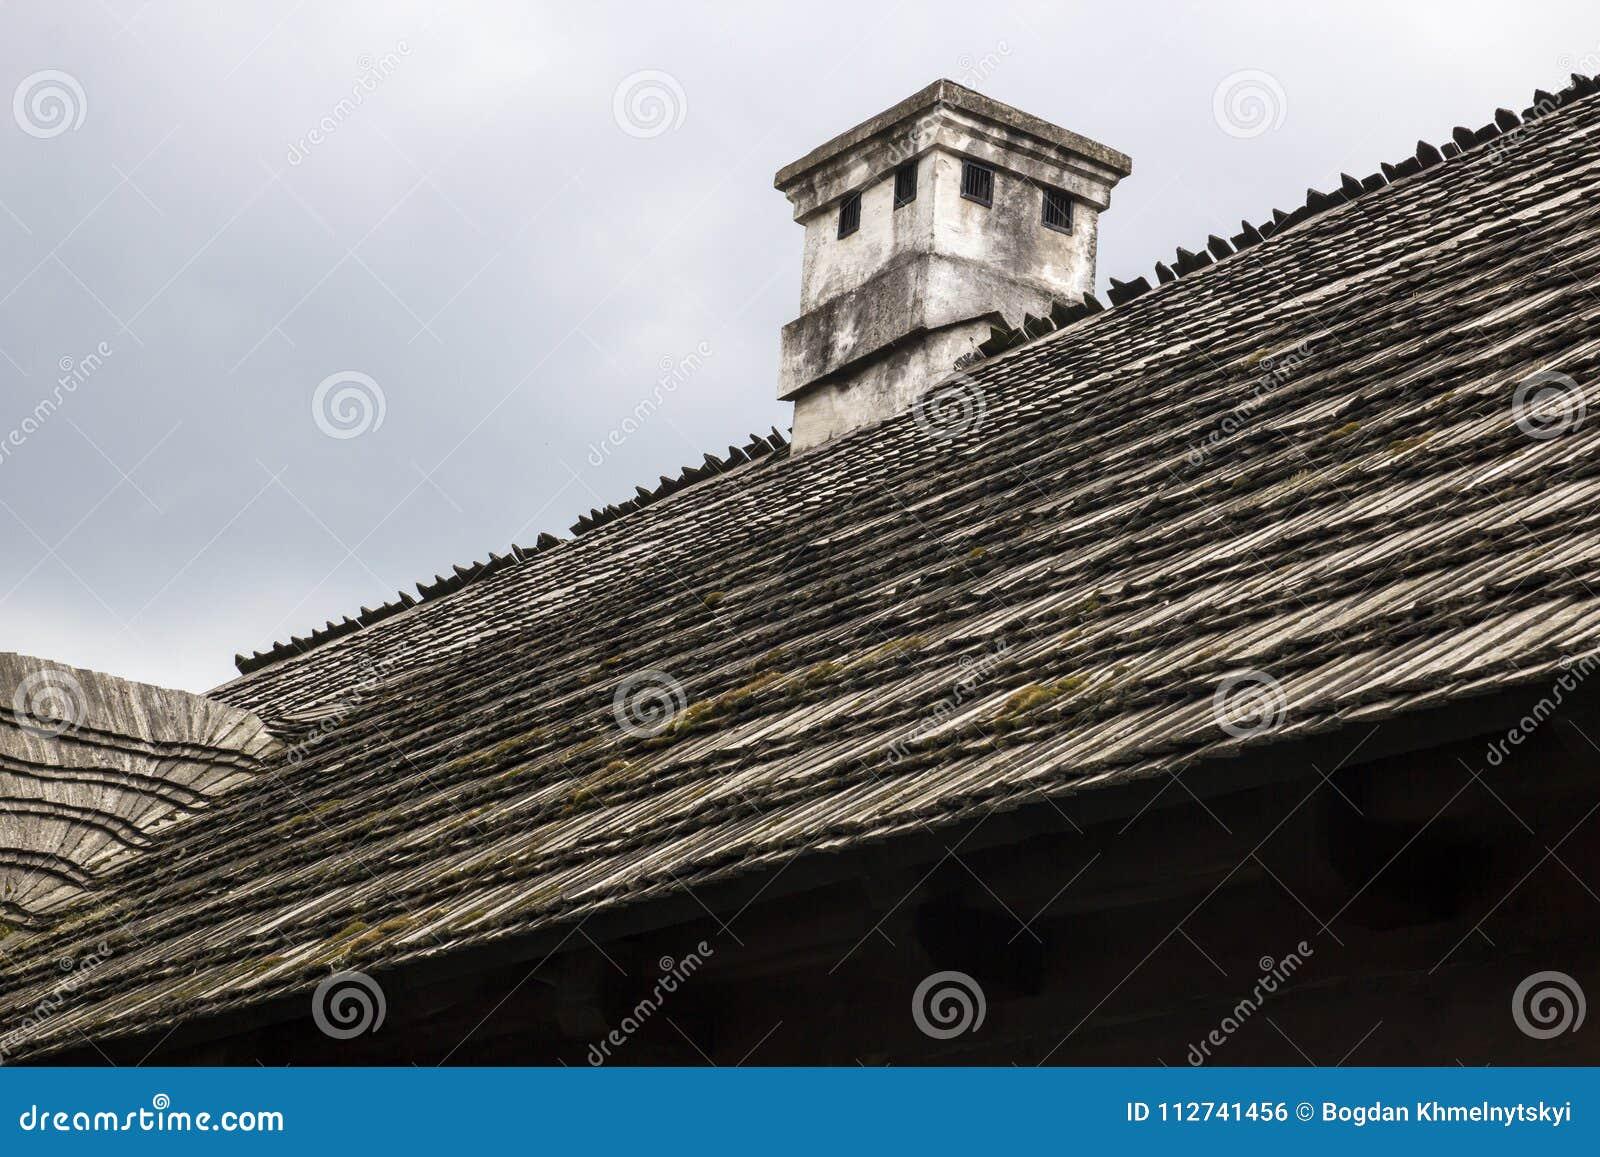 Tejado de madera con la chimenea una casa rural vieja foto - Casa rural de madera ...